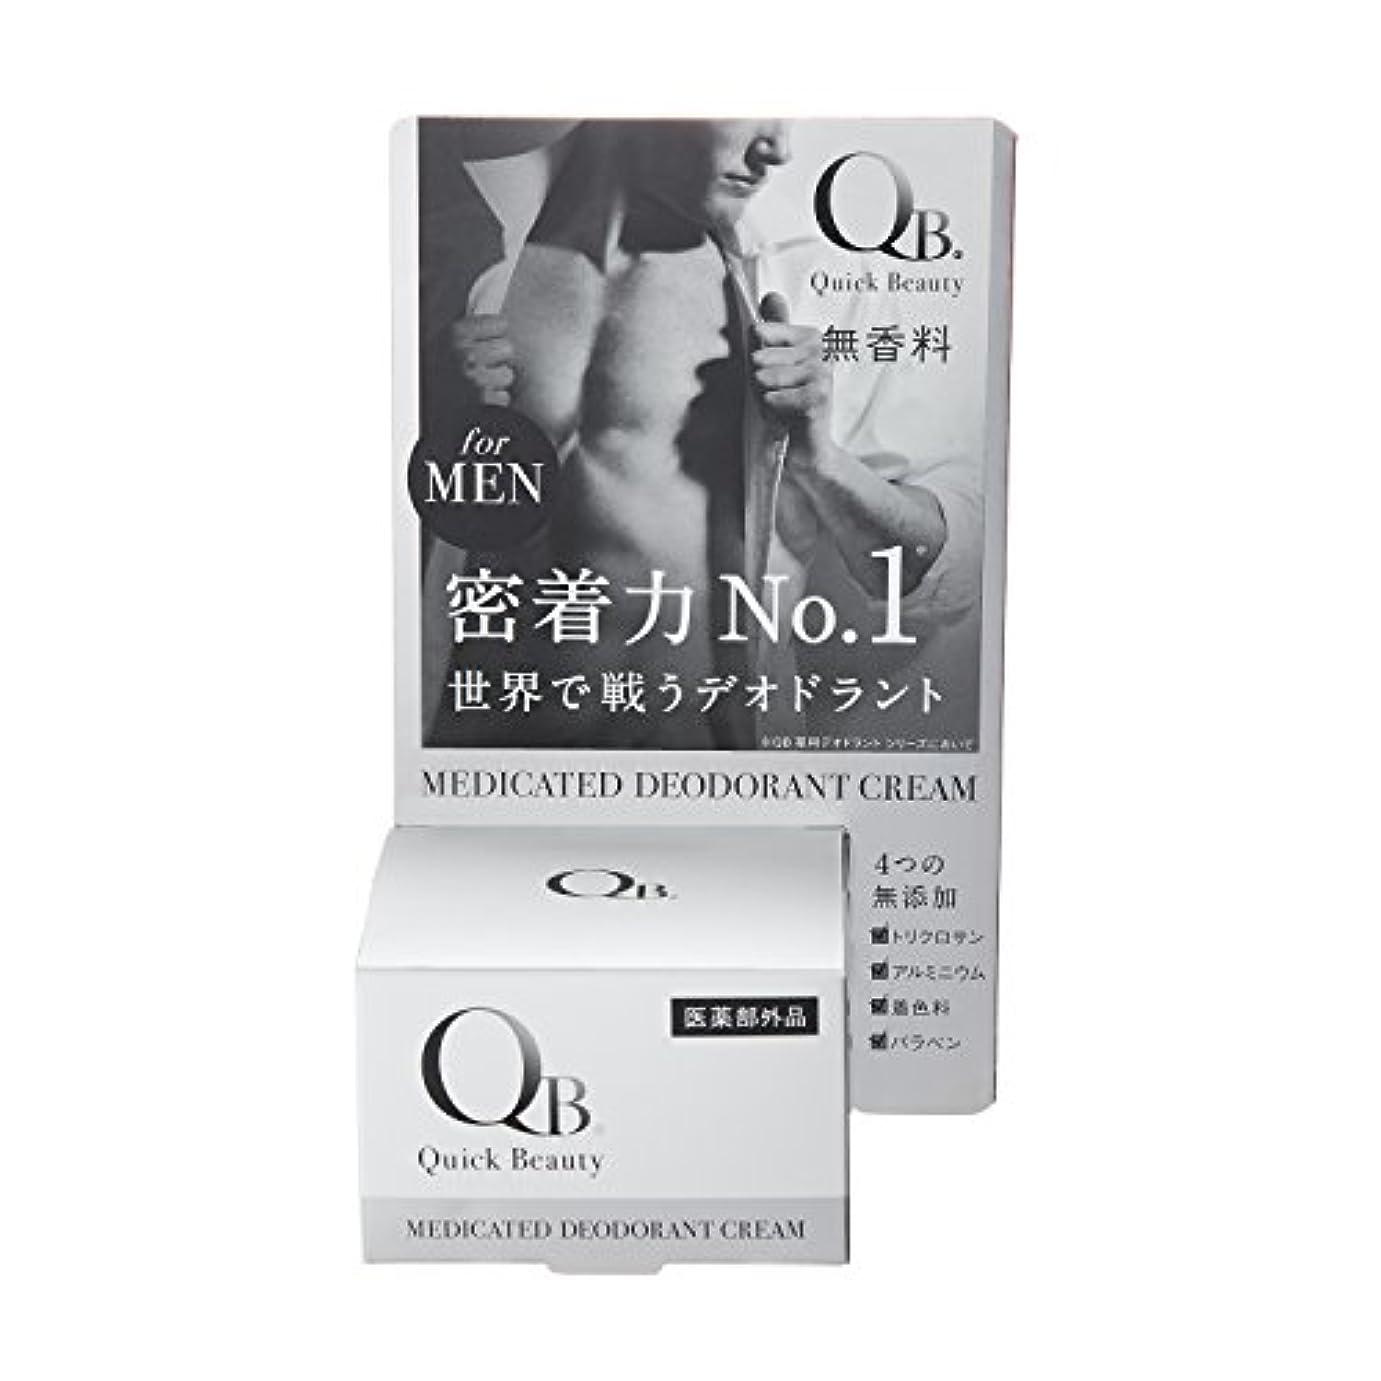 咳カート太いQB 薬用デオドラントクリーム メンズ 30g